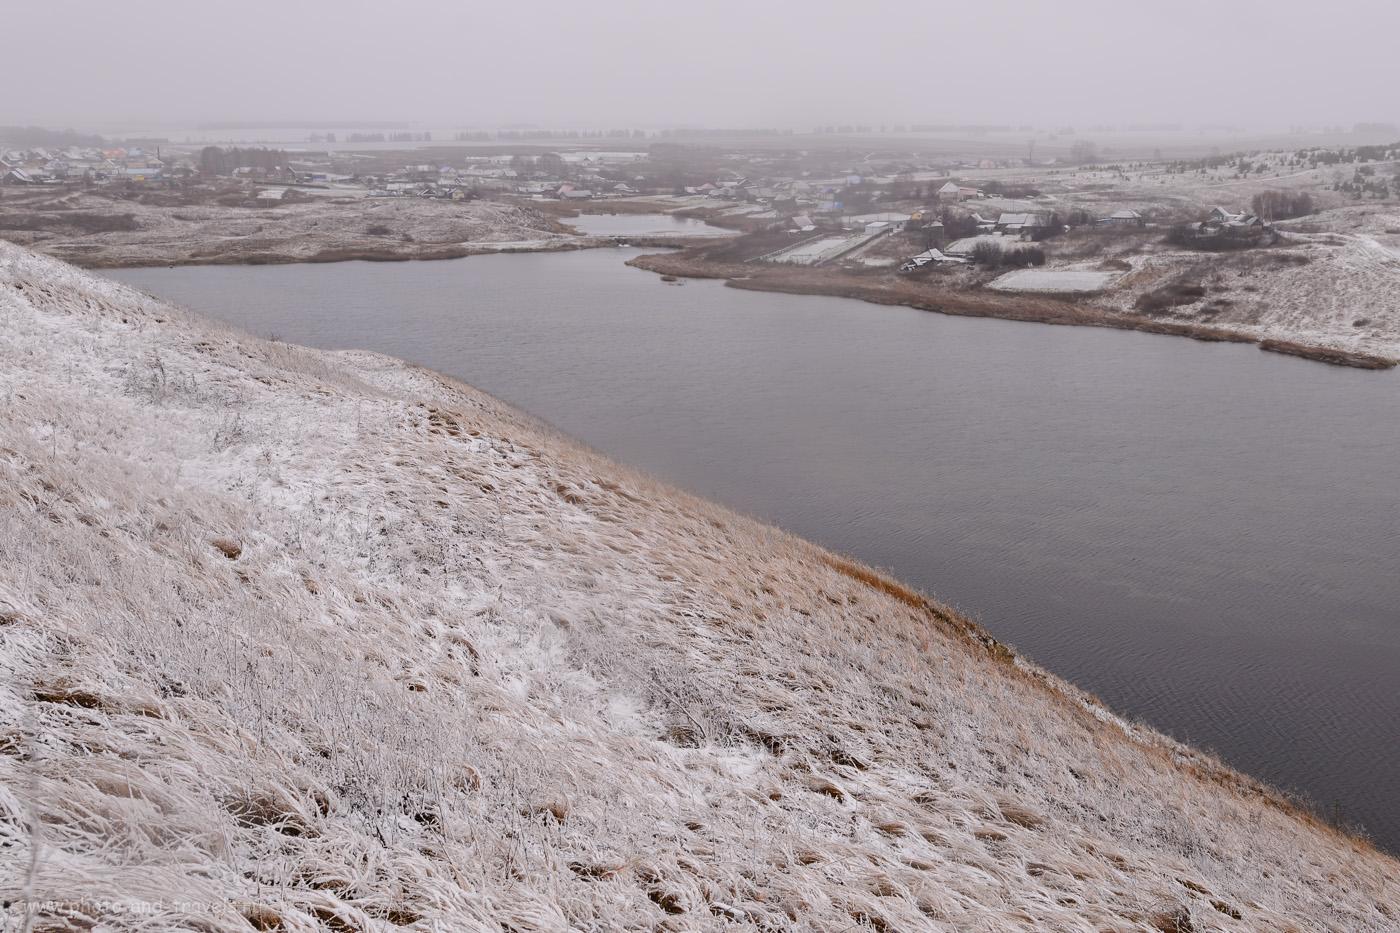 Фото 48. Вид на село Орда и Первый пруд на реке Кунгур со смотровой площадки на Казаковской горе, где находится спуск в Ординскую пещеру. 1/8, +1.33, 8.0, 100, 26.